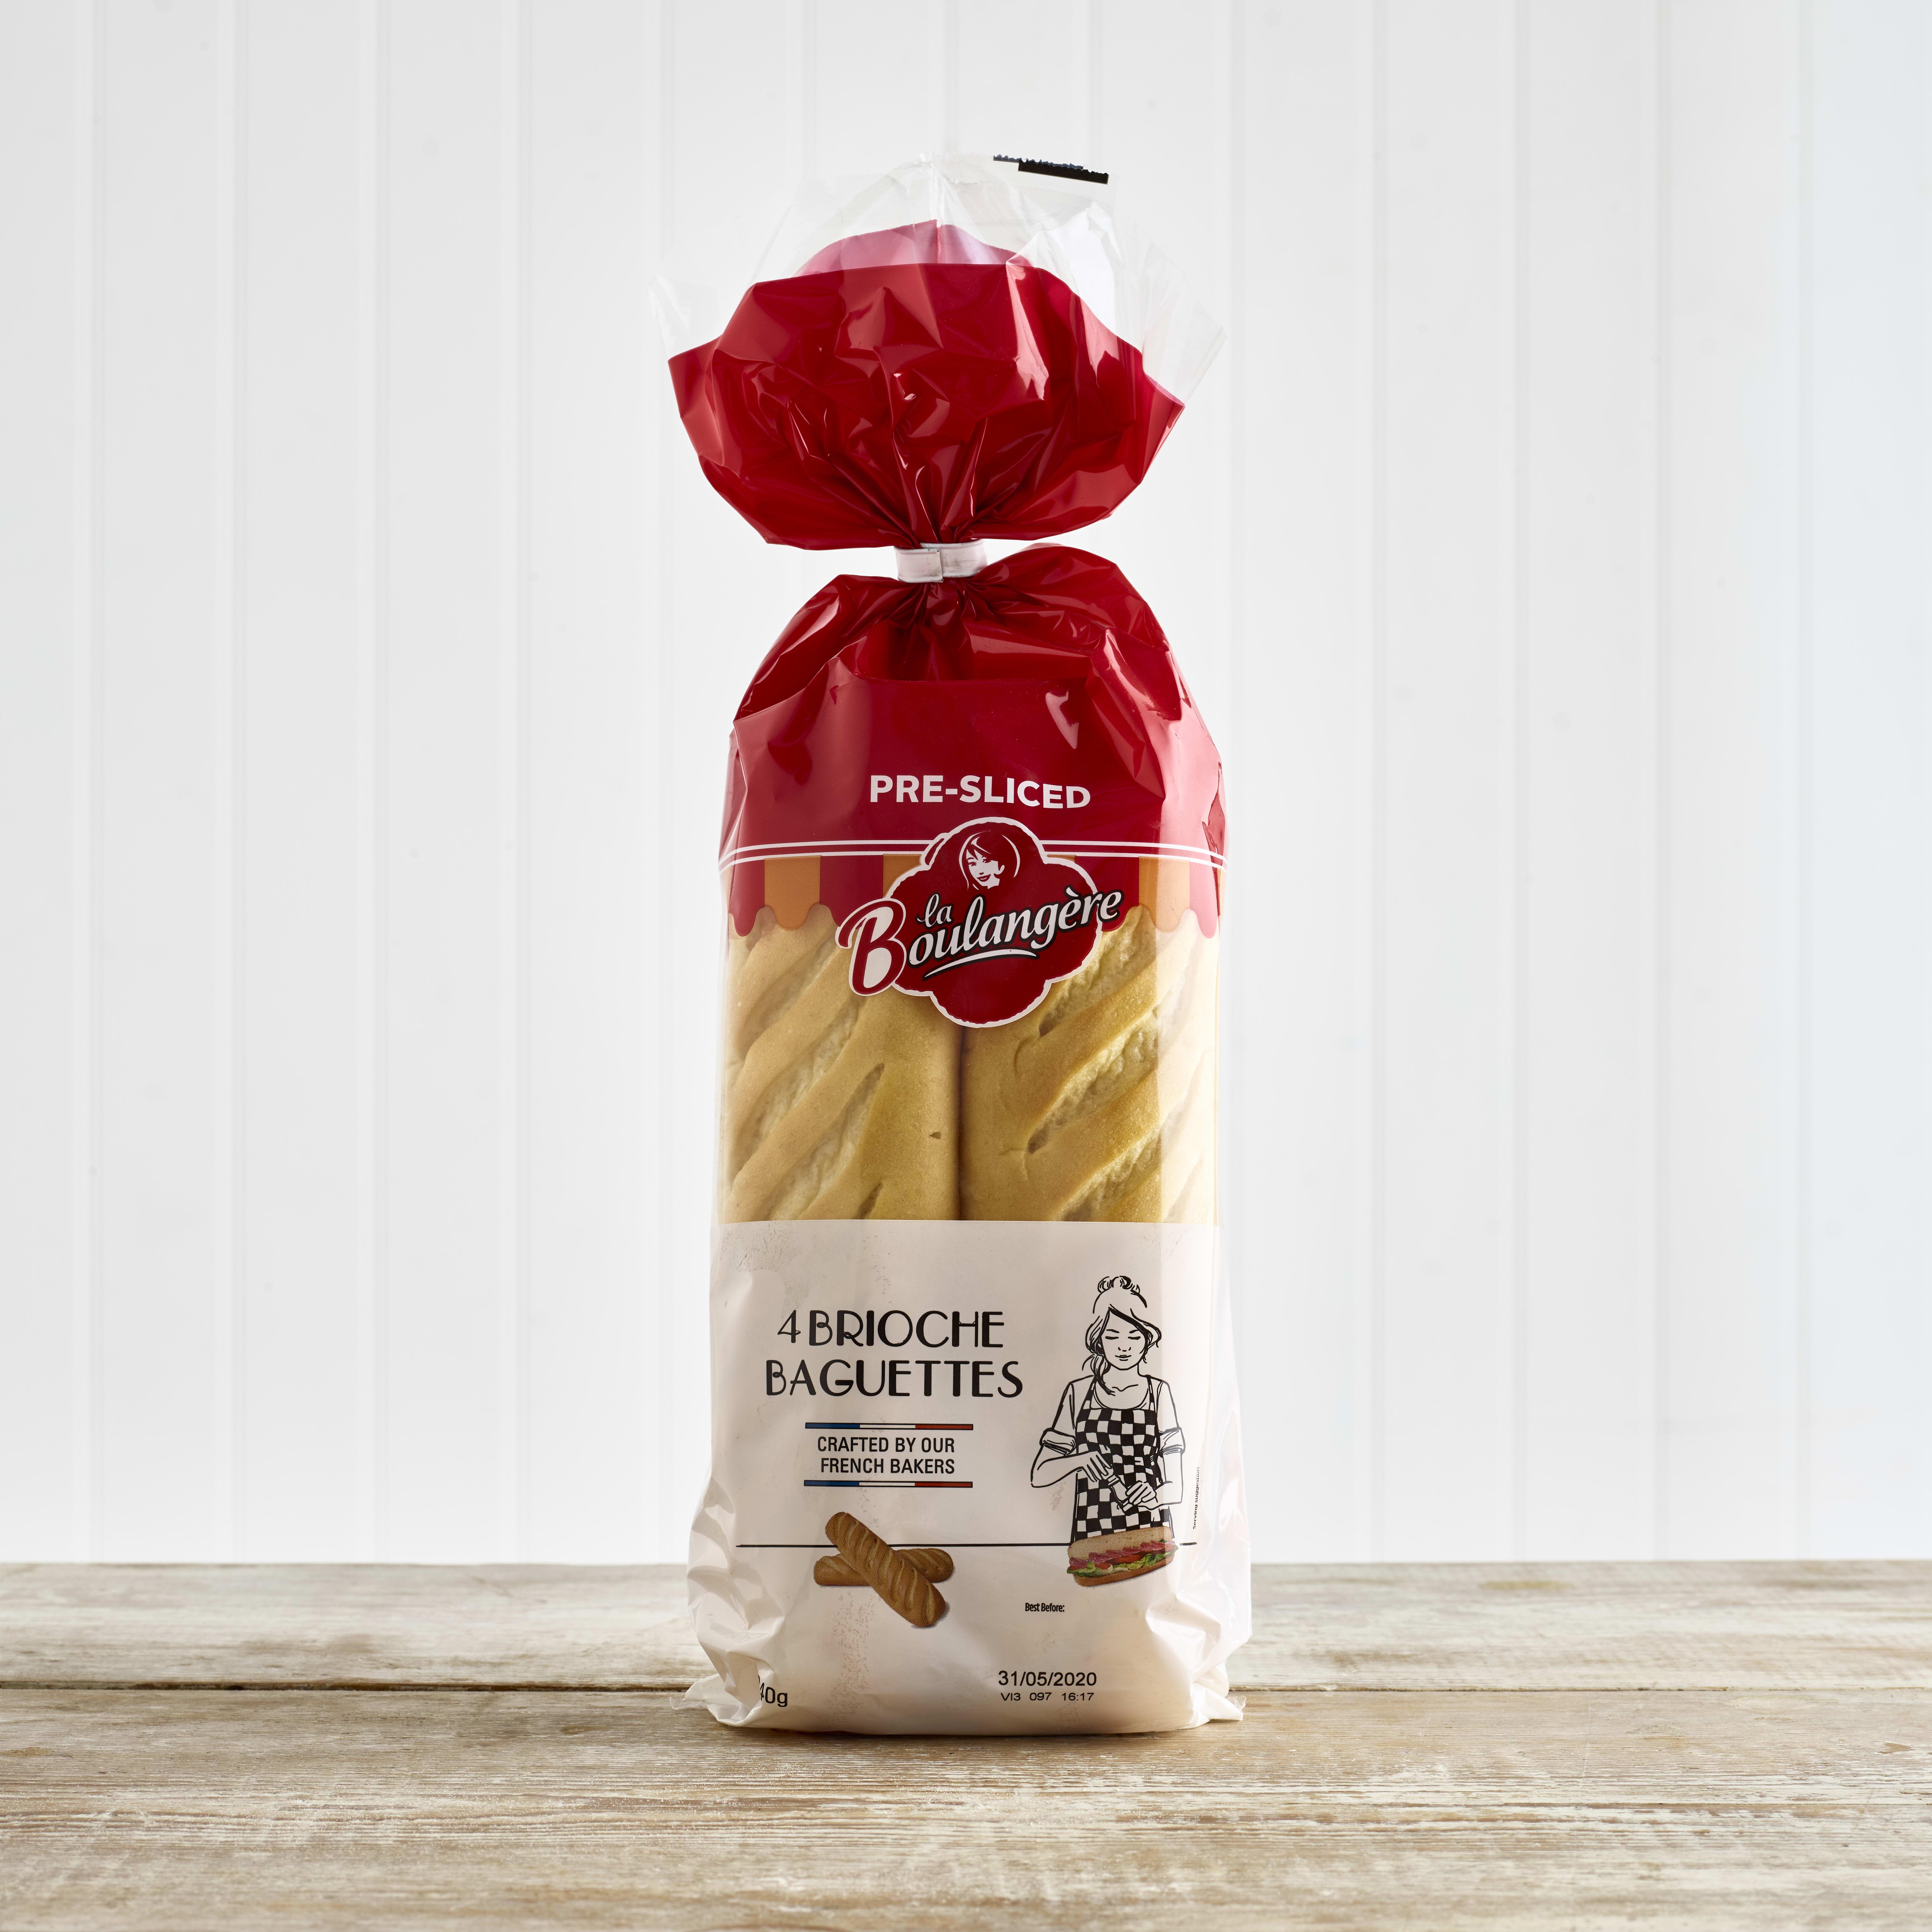 La Boulangère Brioche Baguettes, 4 Pack, 340g